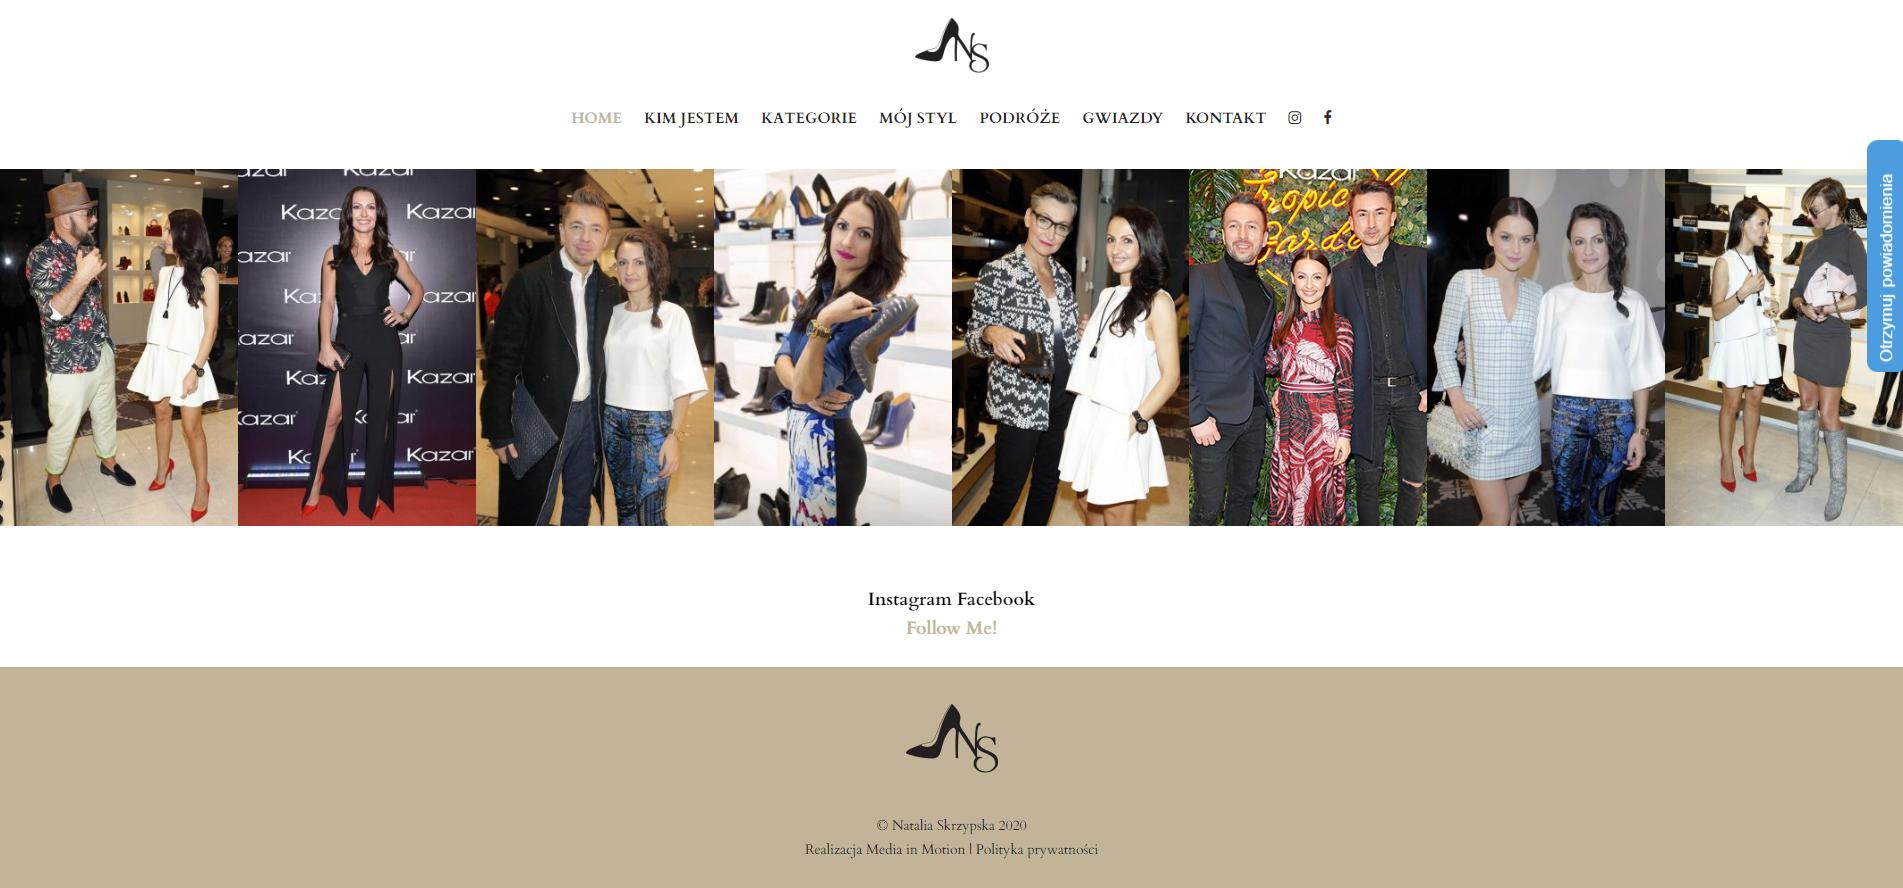 Blog projektantki Natalii Skrzypskiej o trendach i stylu (3)